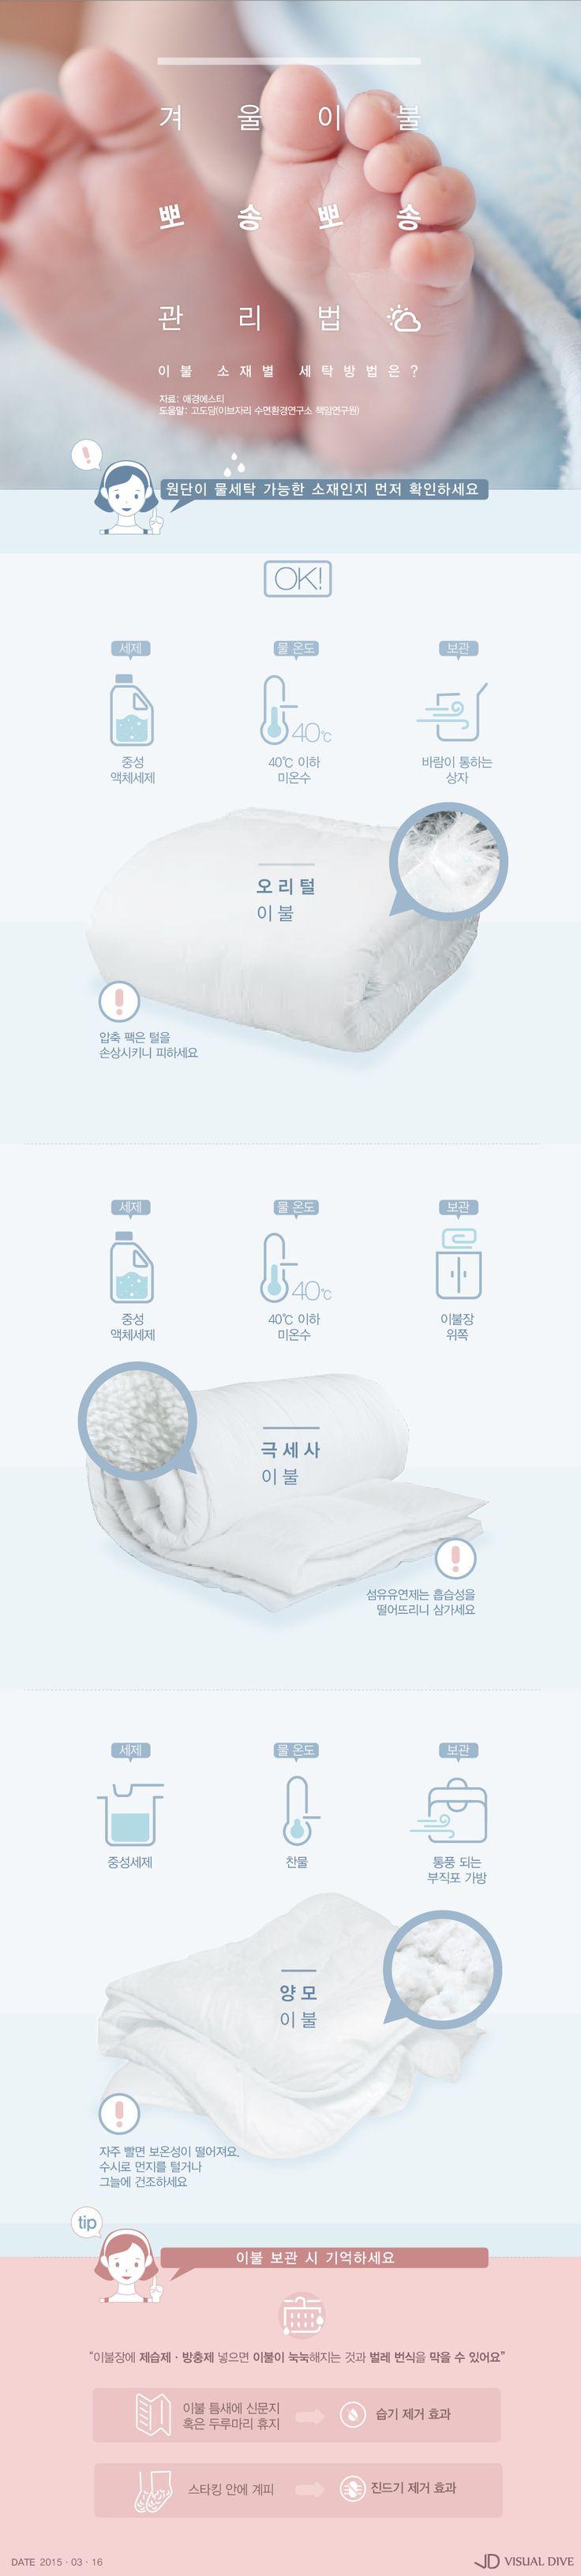 겨울 이불 내년까지 보송보송하게 … 효과적인 관리법은? [인포그래픽] #bedclothes / #Infographic ⓒ 비주얼다이브 무단 복사·전재·재배포 금지